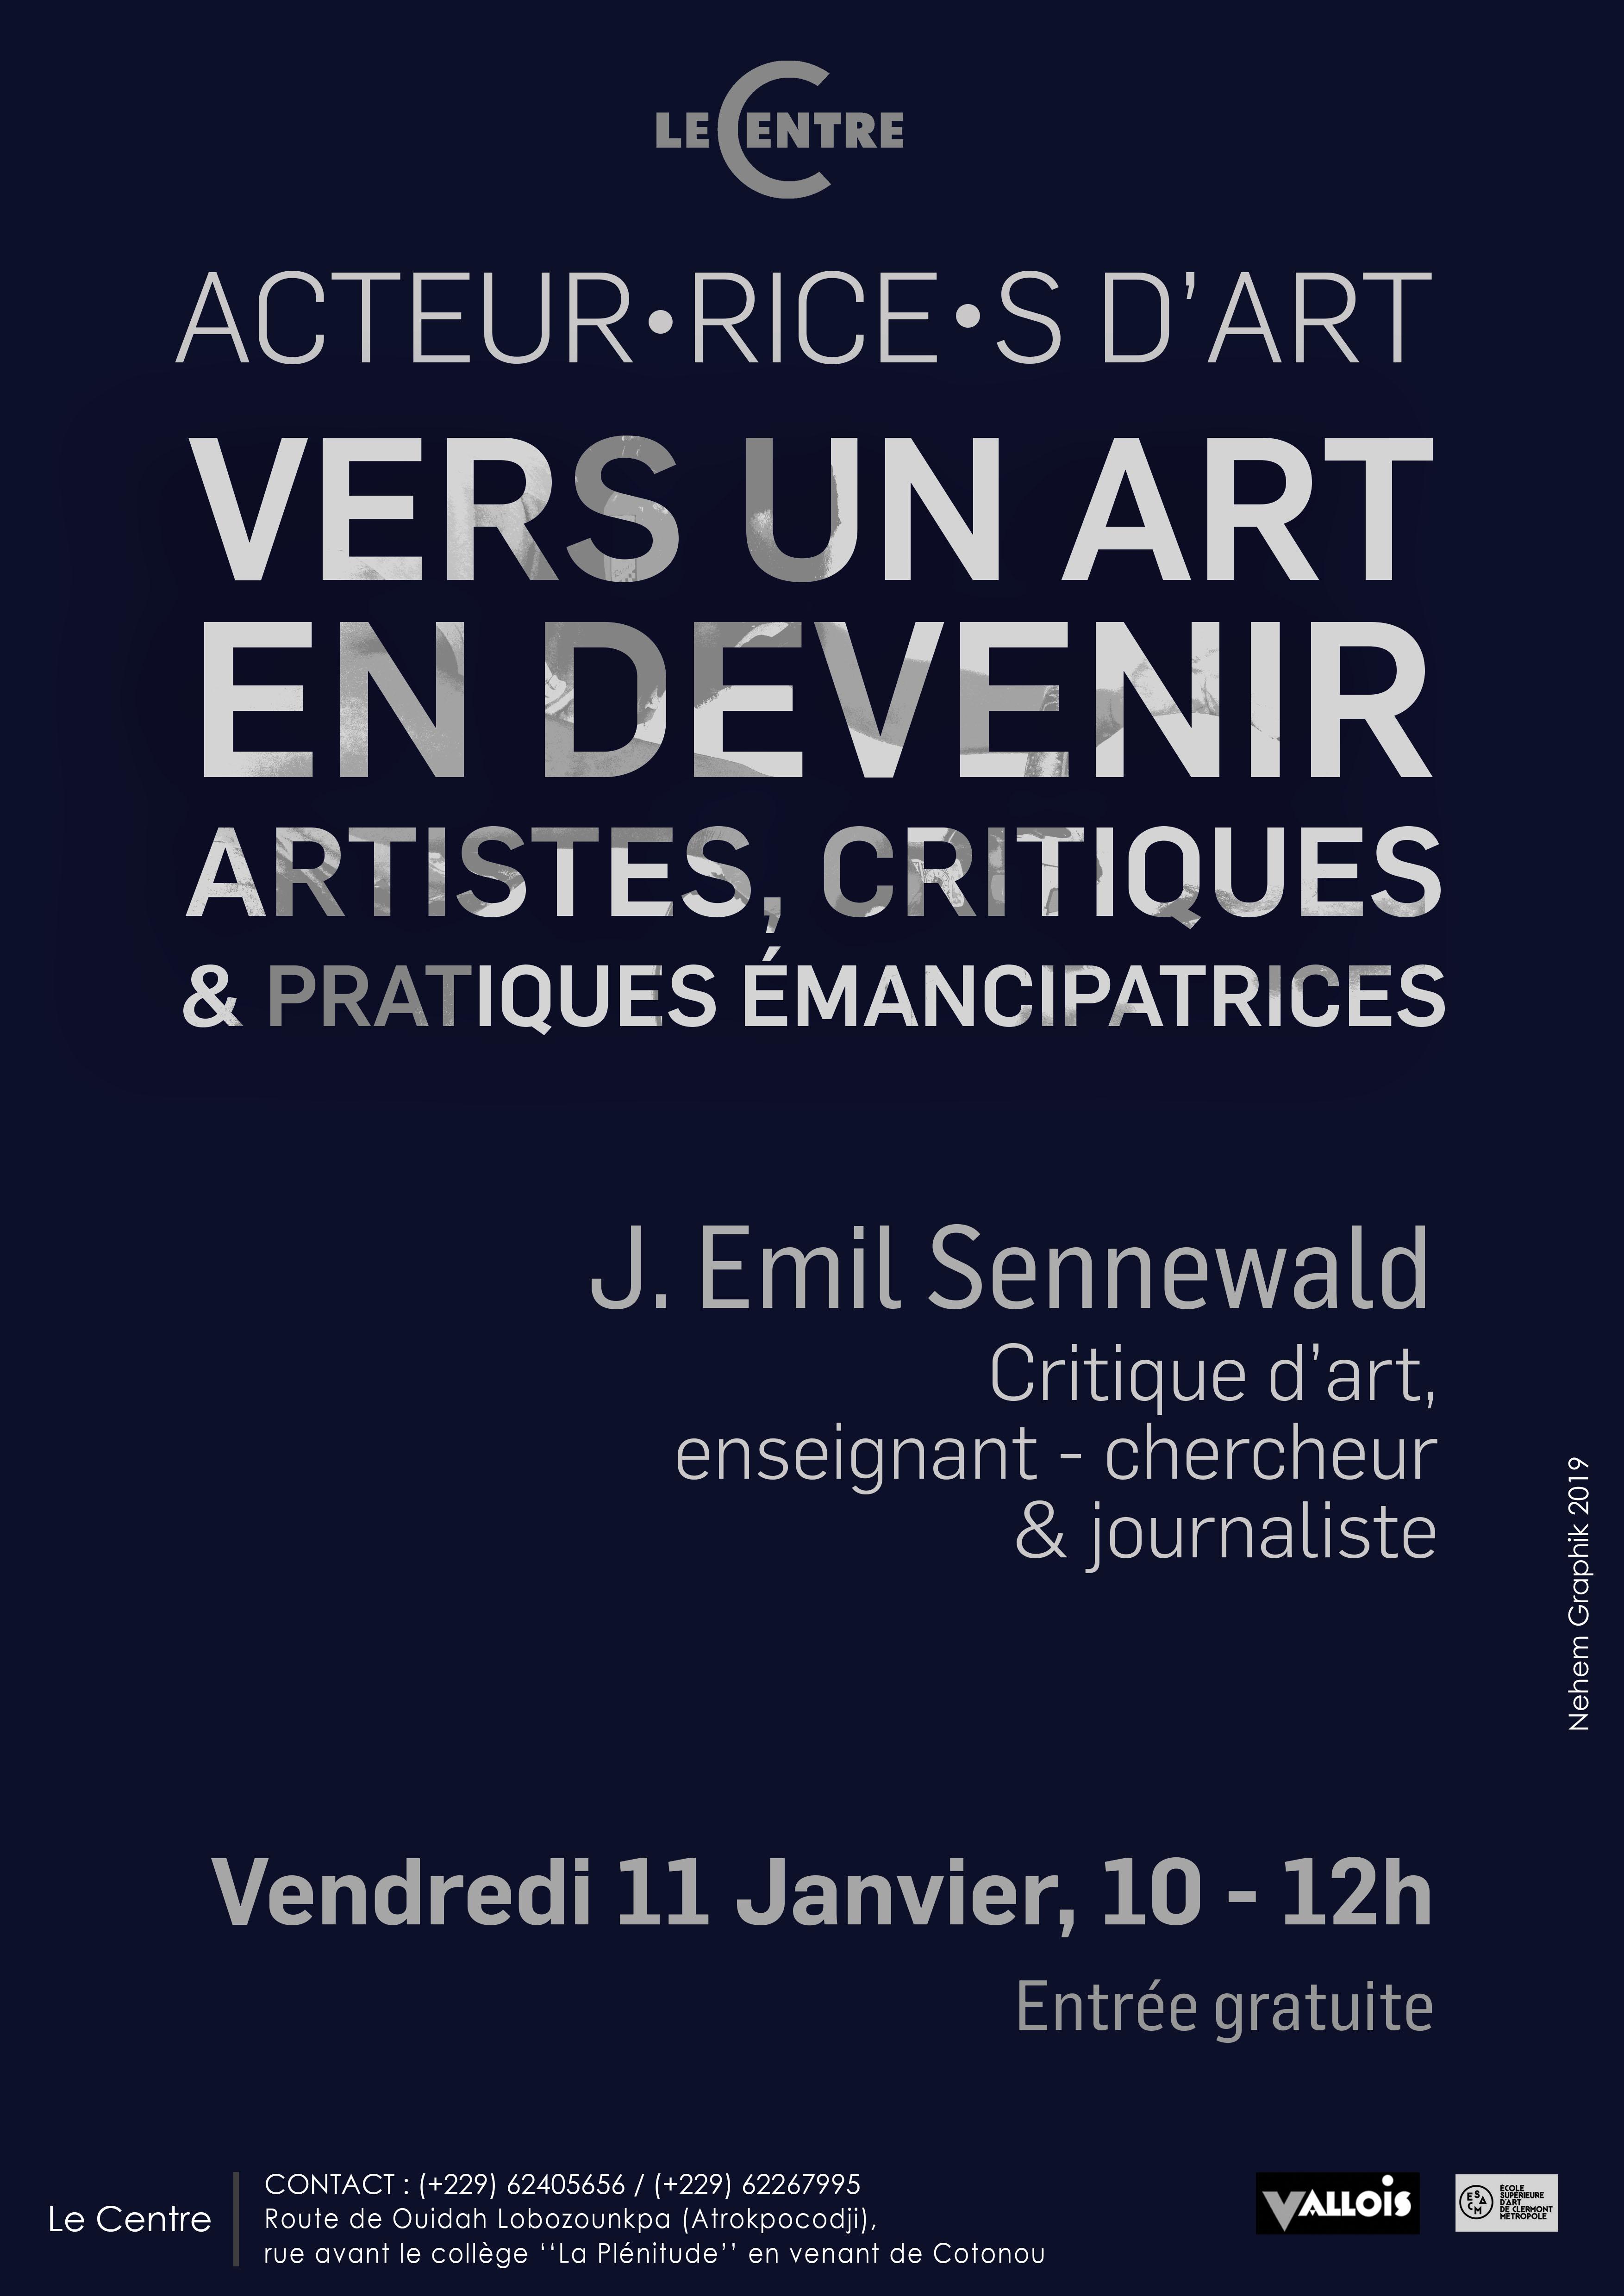 Acteur·rice·s d'art, J. Emil Sennewald